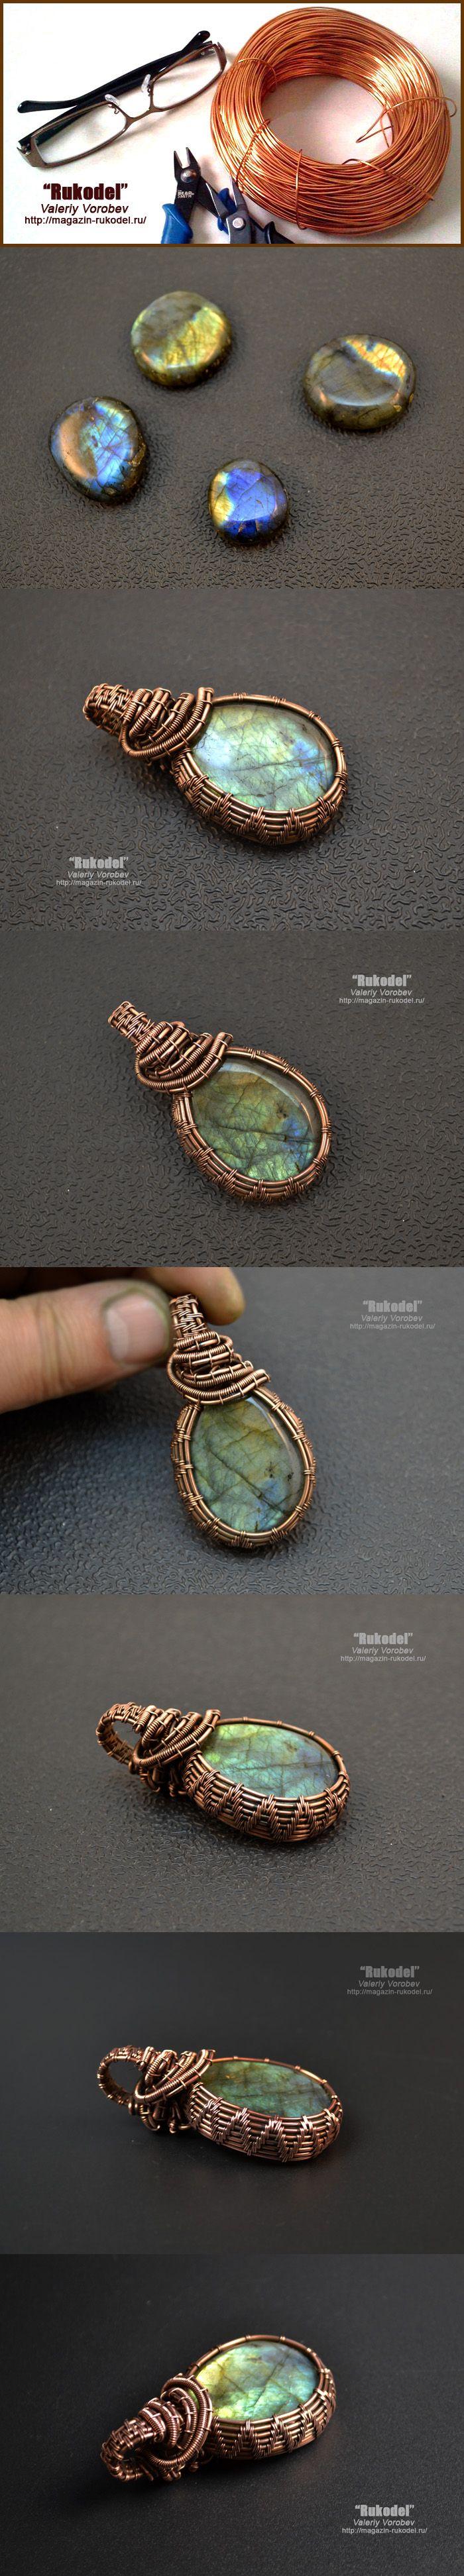 Wire Wrap Pendant. Natural Stone Labradorite                                                                                                                                                      More